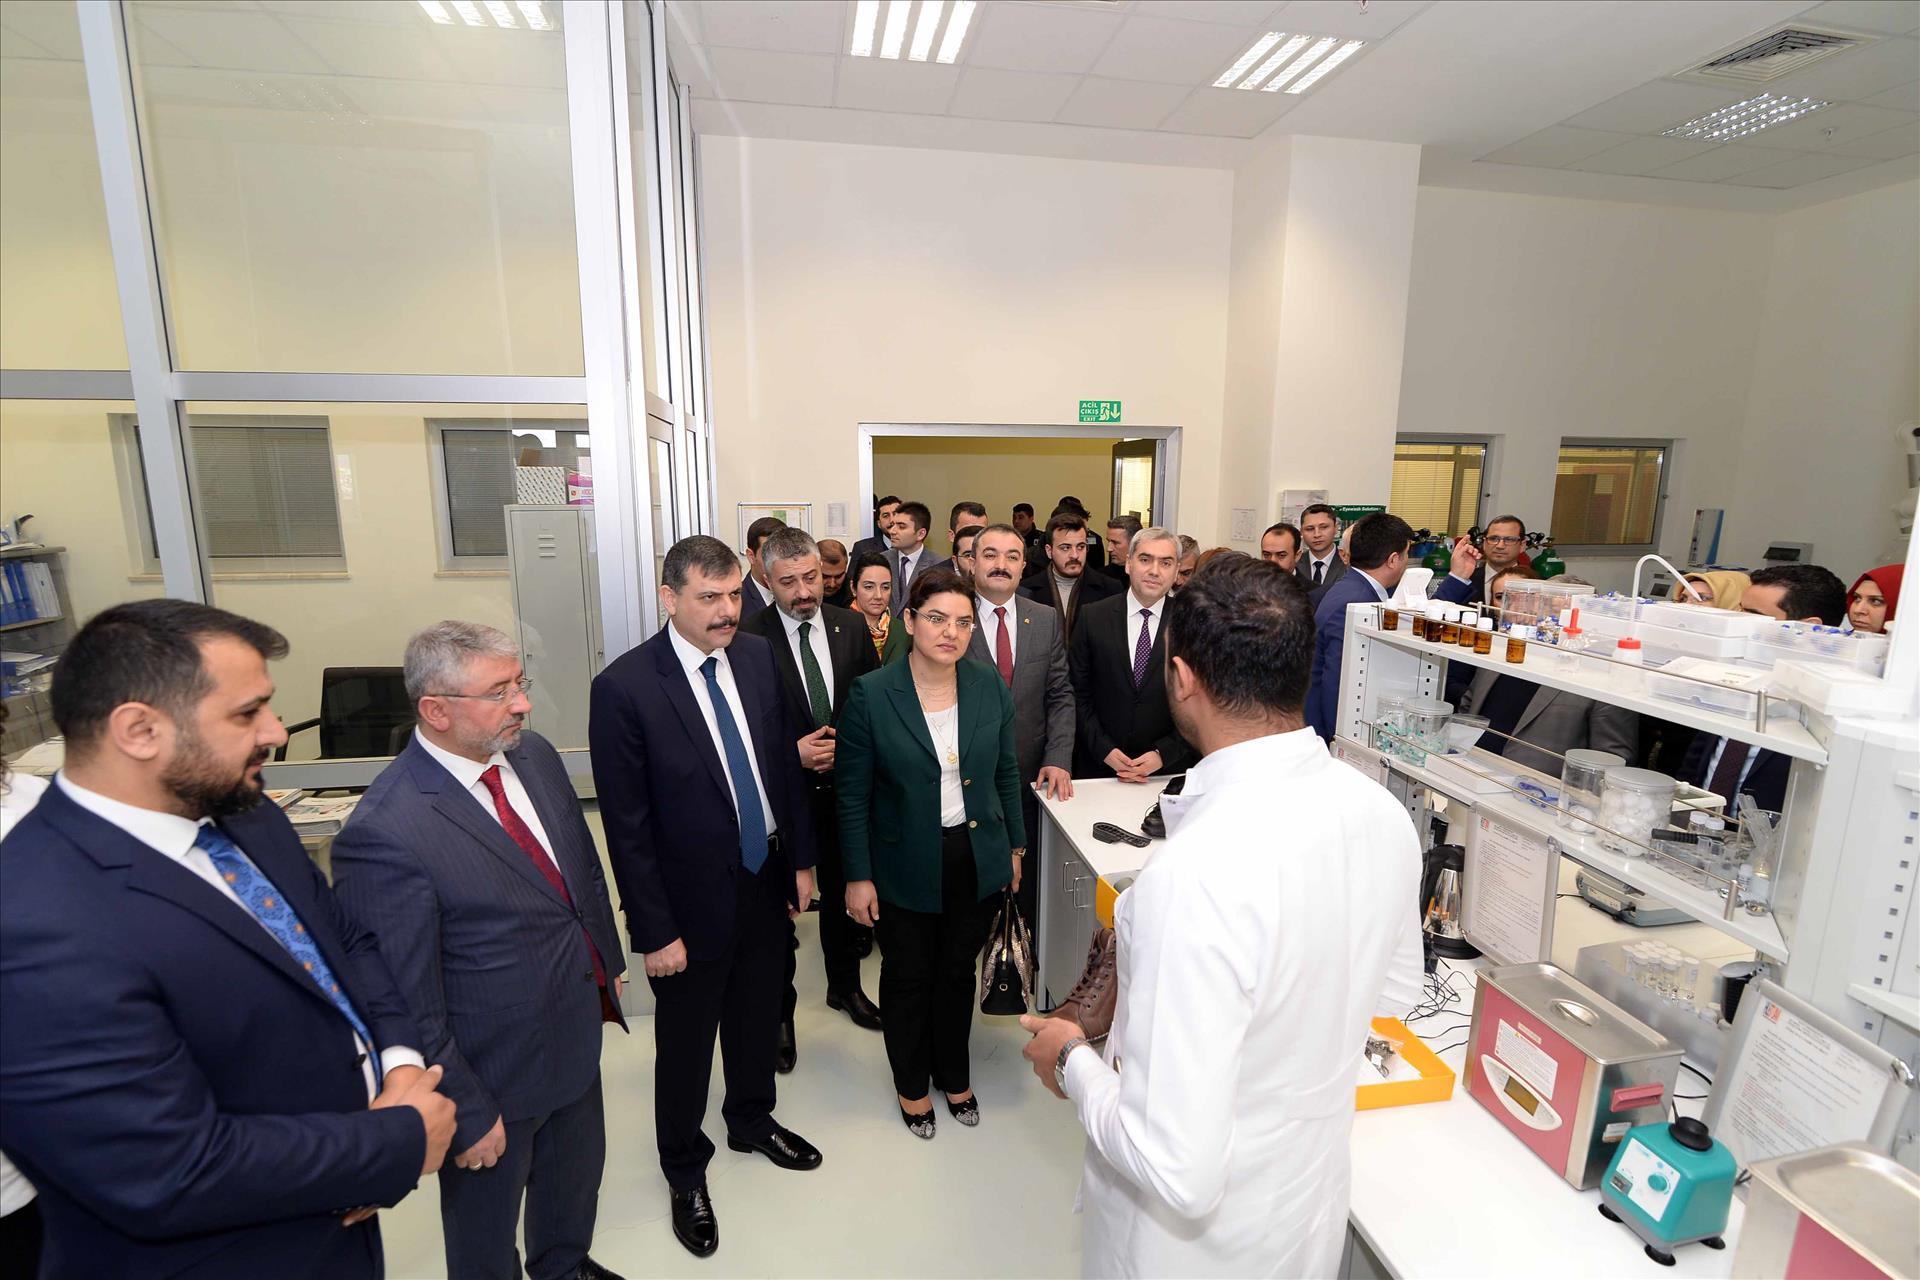 Sağlık Bakan Yardımcısı Prof. Dr. Meşe, HÜBTÜAM'da İncelemelerde Bulundu